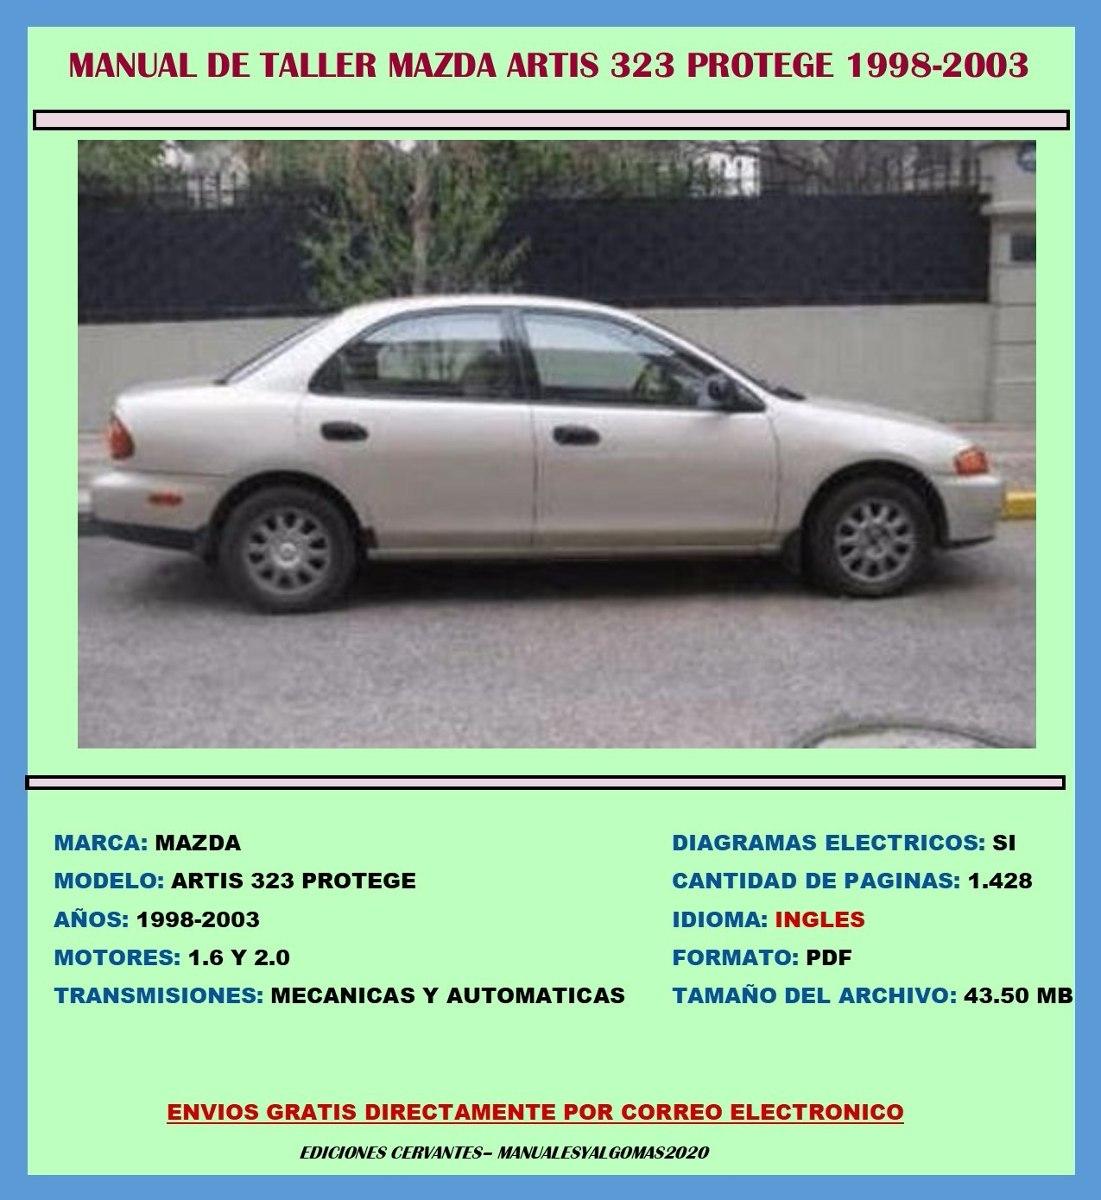 Manual De Taller Reparaci U00f3n Diagrama Mazda Proteg U00e9 1998-2003   14 50 En Mercado Libre